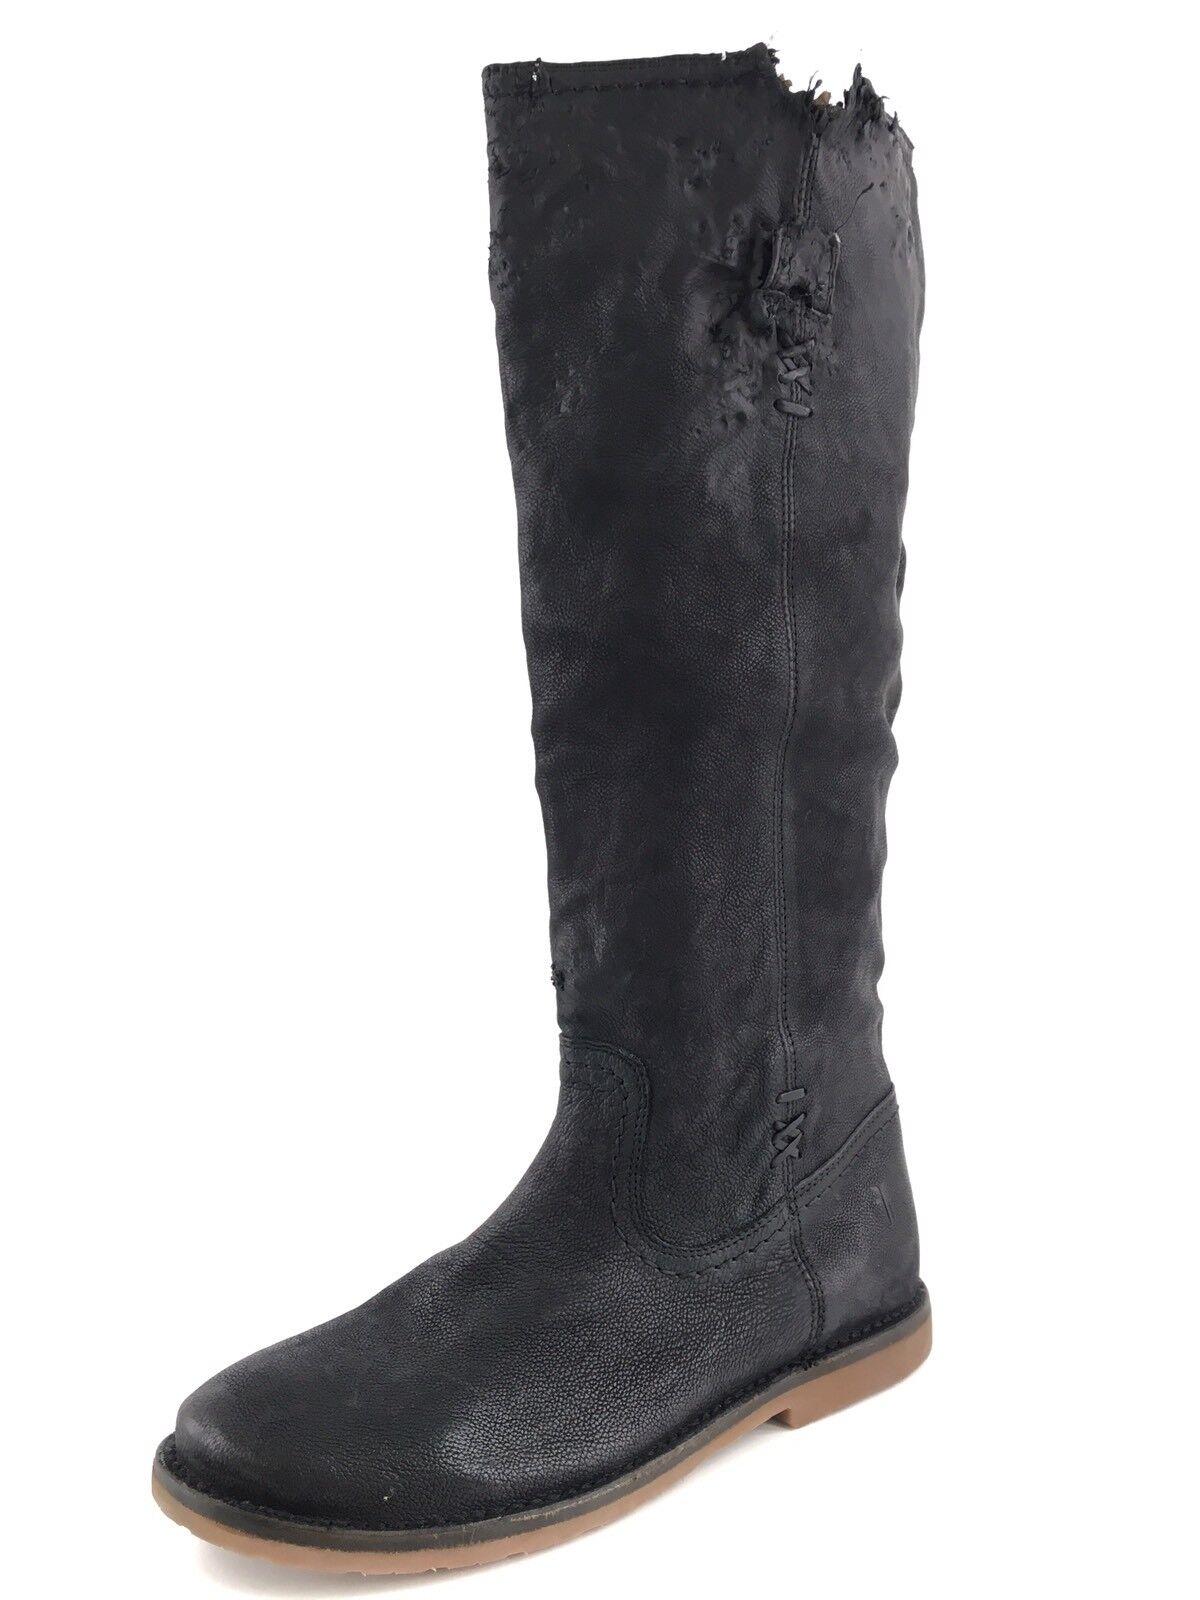 risposta prima volta Frye Celia X Stitch Knee Knee Knee High nero Leather Riding stivali Donna  Dimensione 7.5 M   per il tuo stile di gioco ai prezzi più bassi